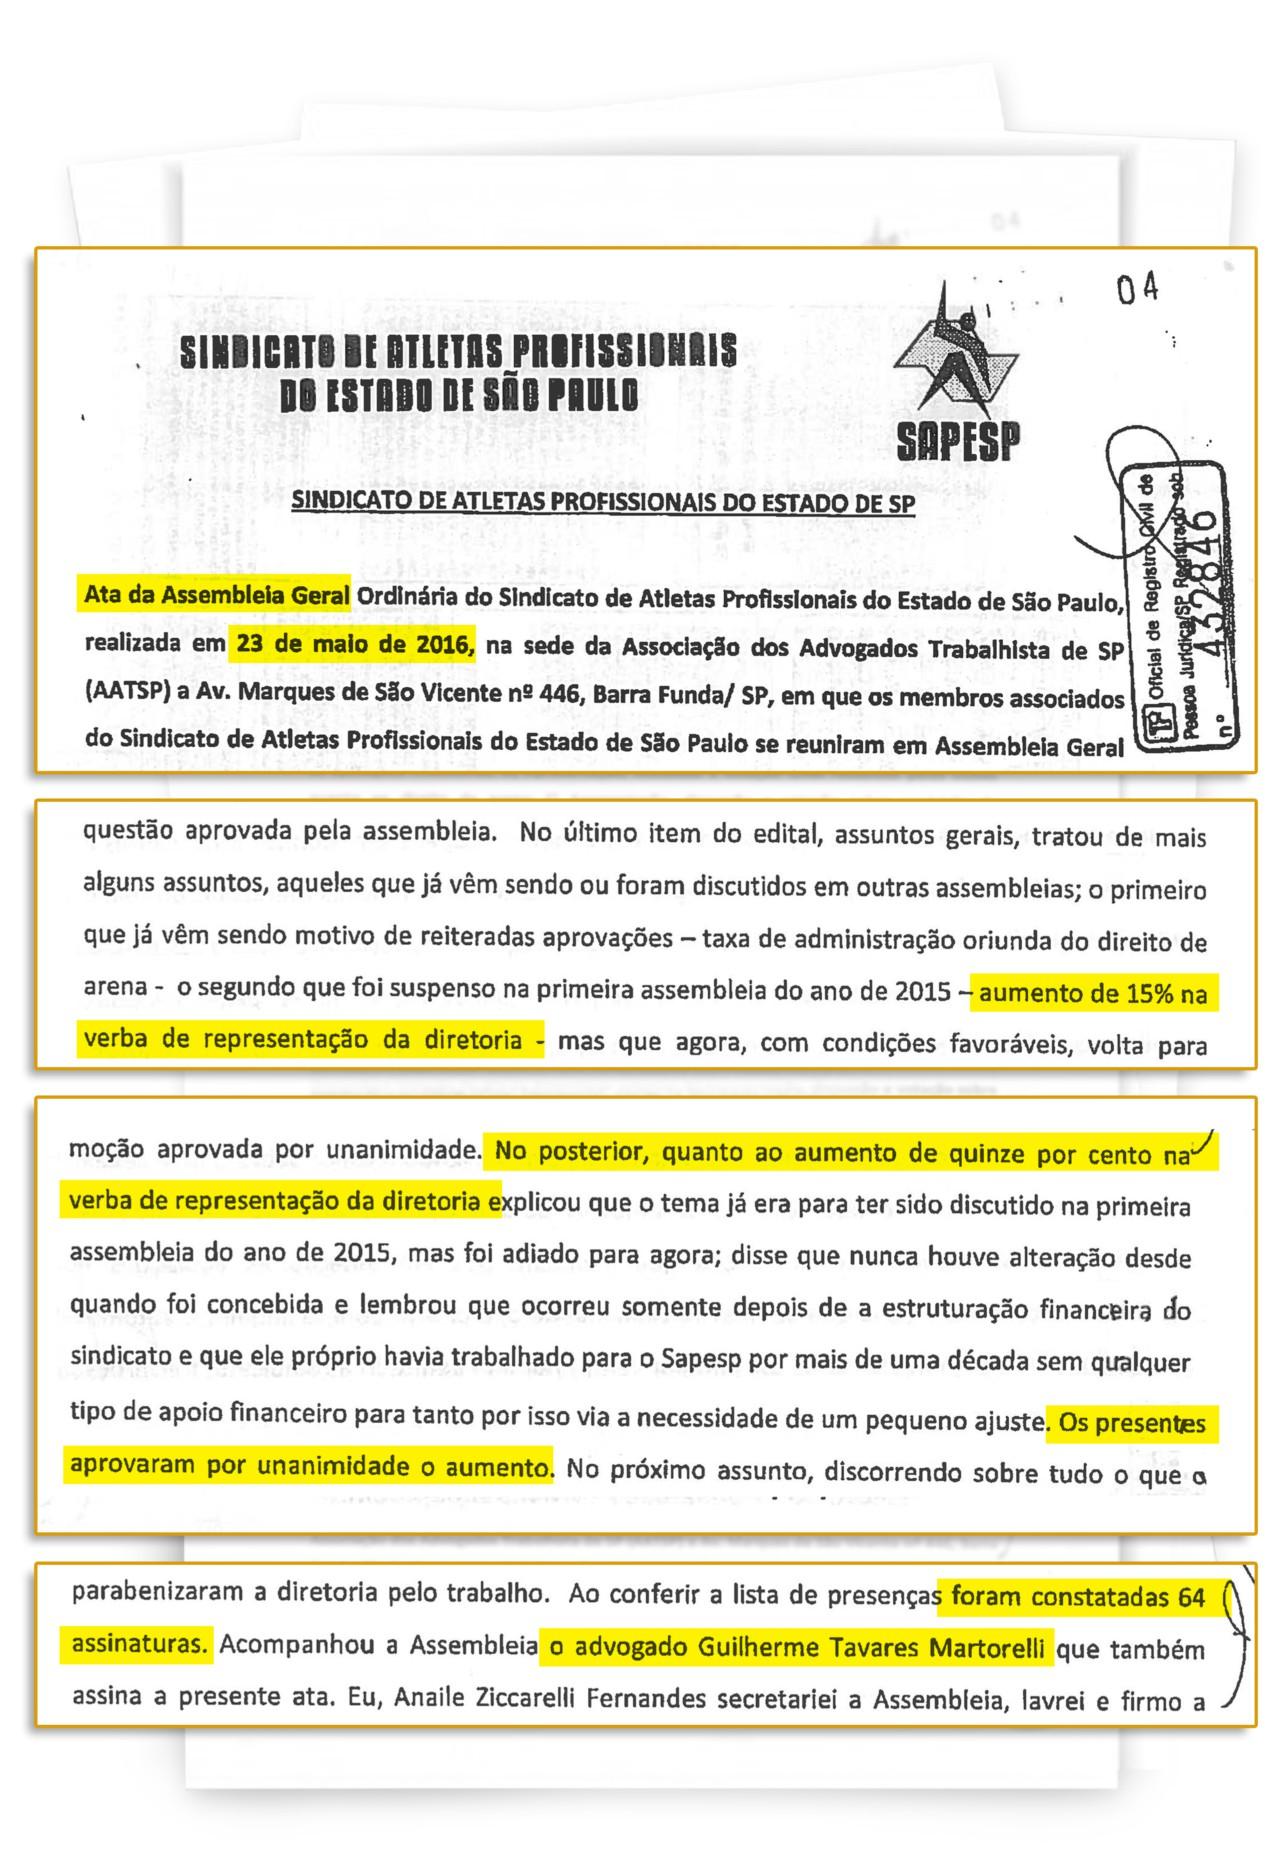 Martorelli aumenta seu próprio salário no sindicato paulista - Reprodução